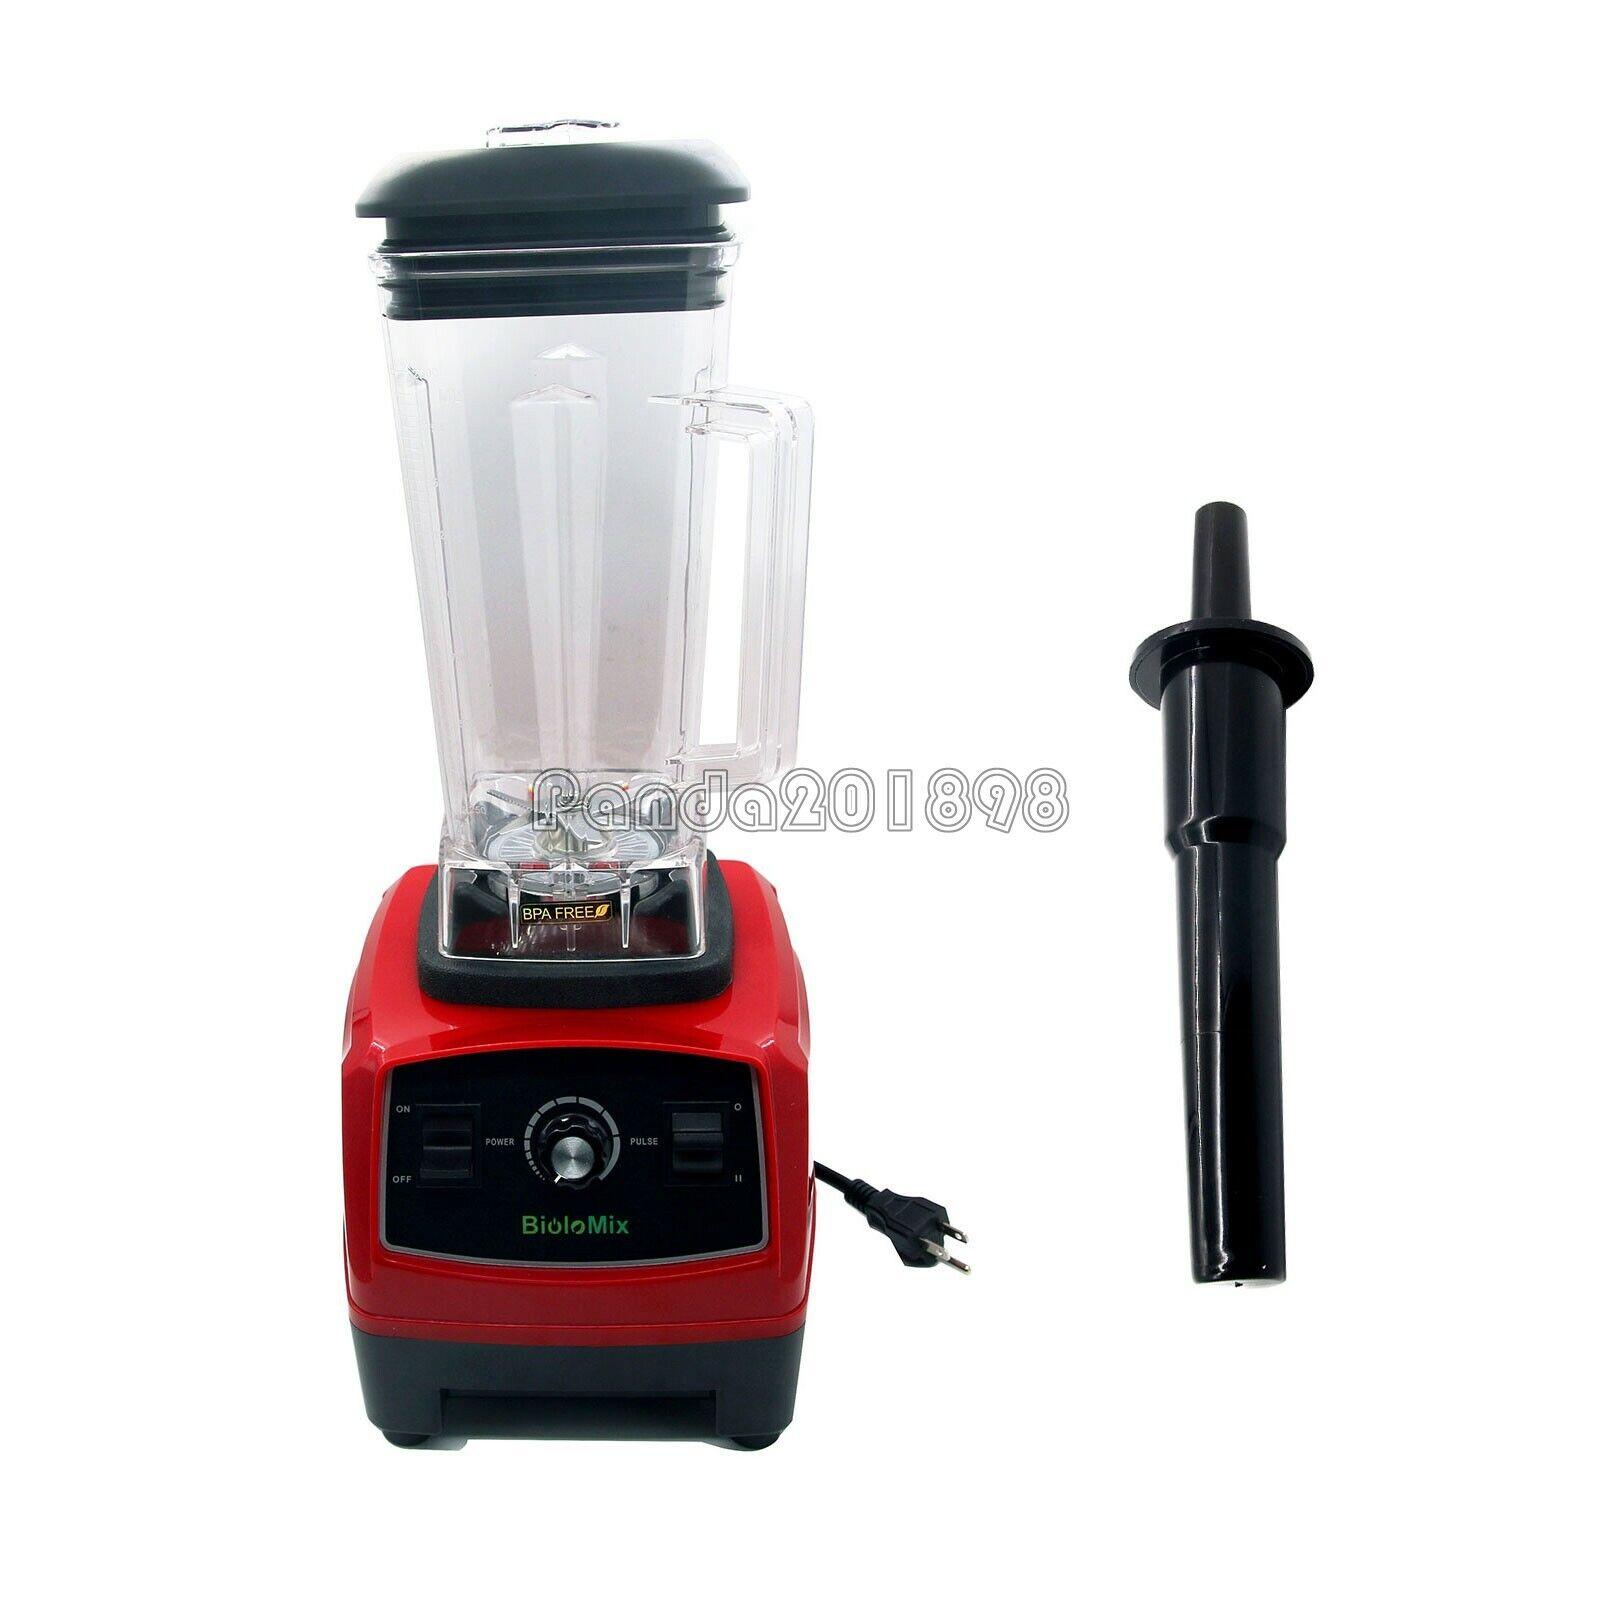 2 L 2200 W Commercial Blender Mixer Juicer Food Processor Bar Fruit Blender uk1898